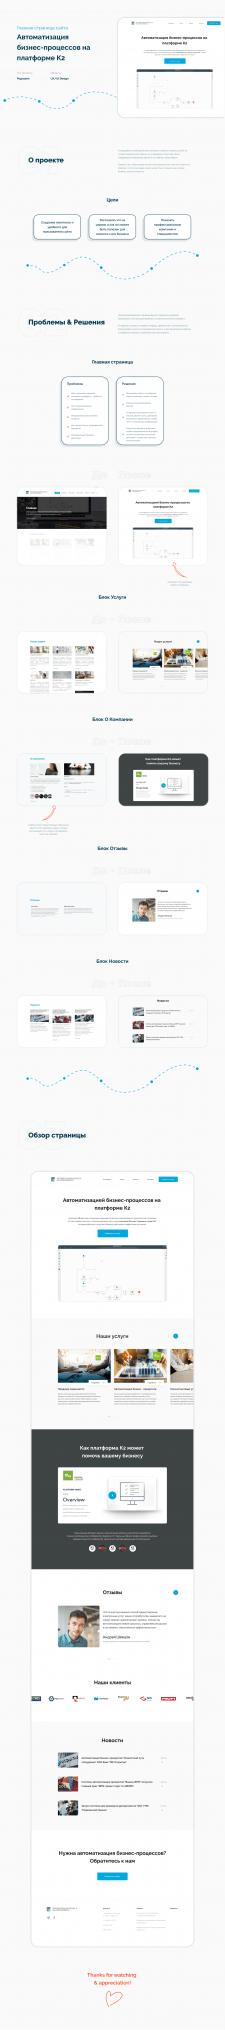 Автоматизация бизнес-процессов (редизайн)